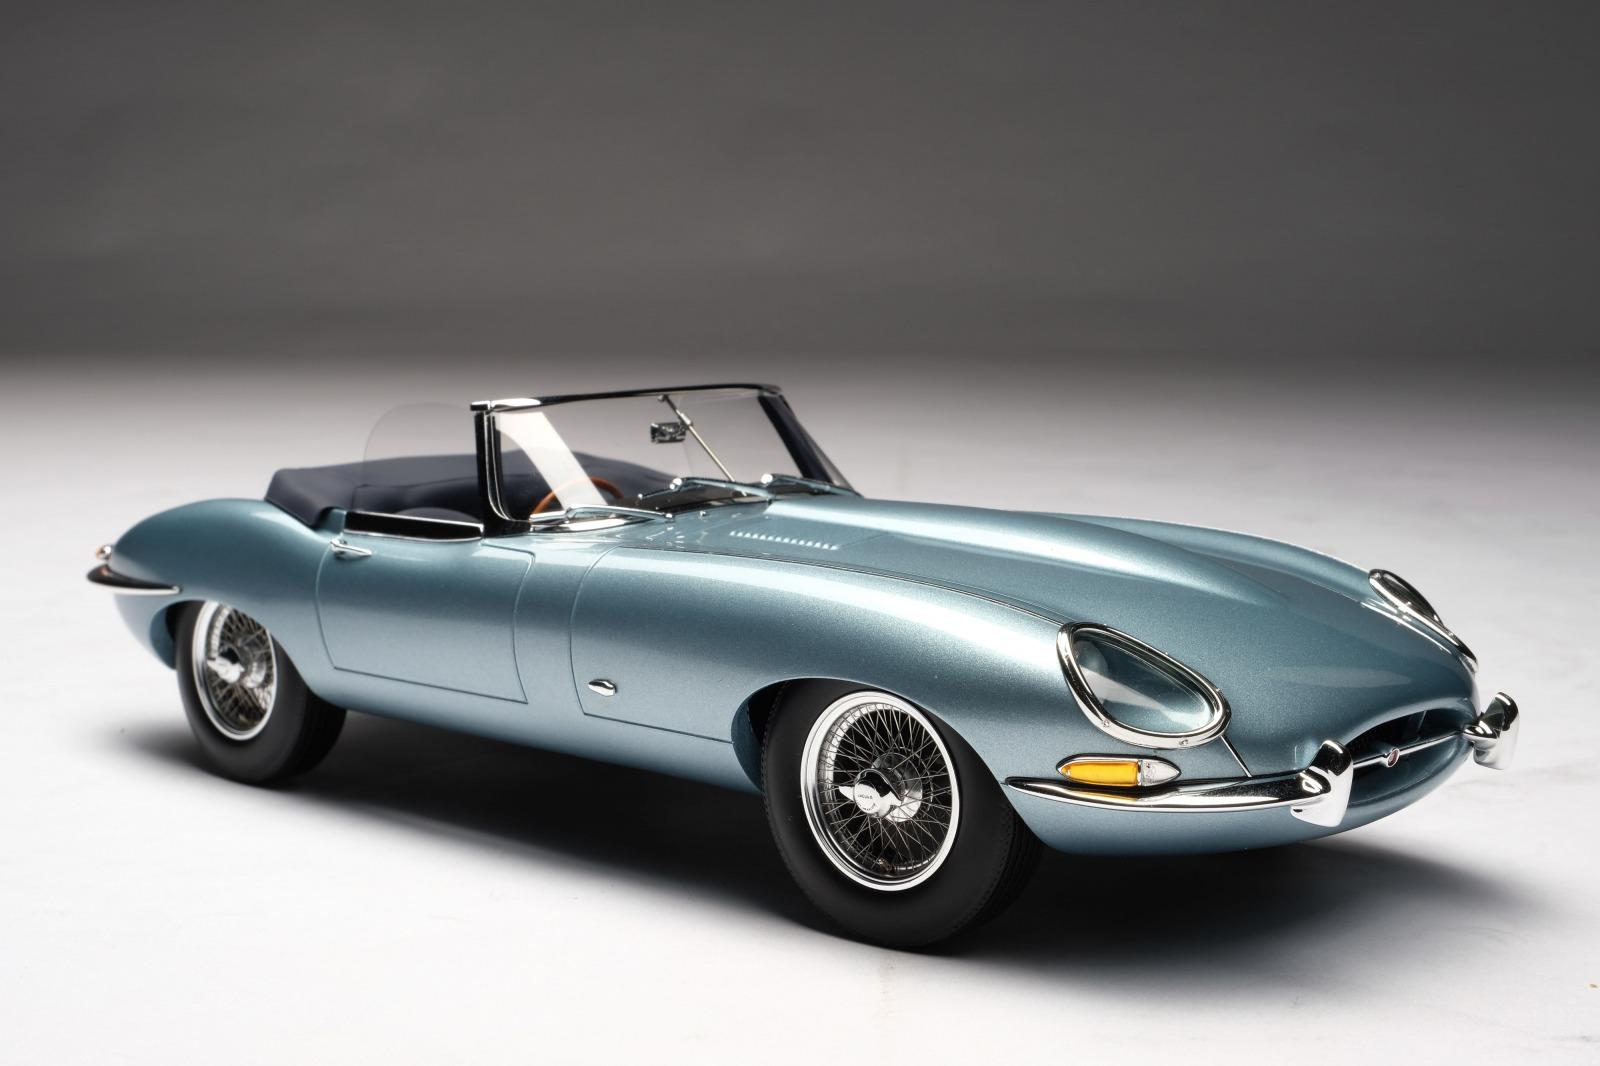 Amalgam Collection アマルガムコレクション 1/18 ミニカー レジン プロポーションモデル 1965年モデル ジャガー E-Type ロードスター 1965 Jaguar E-Type Roaster 1:18 by Amalgam Collection